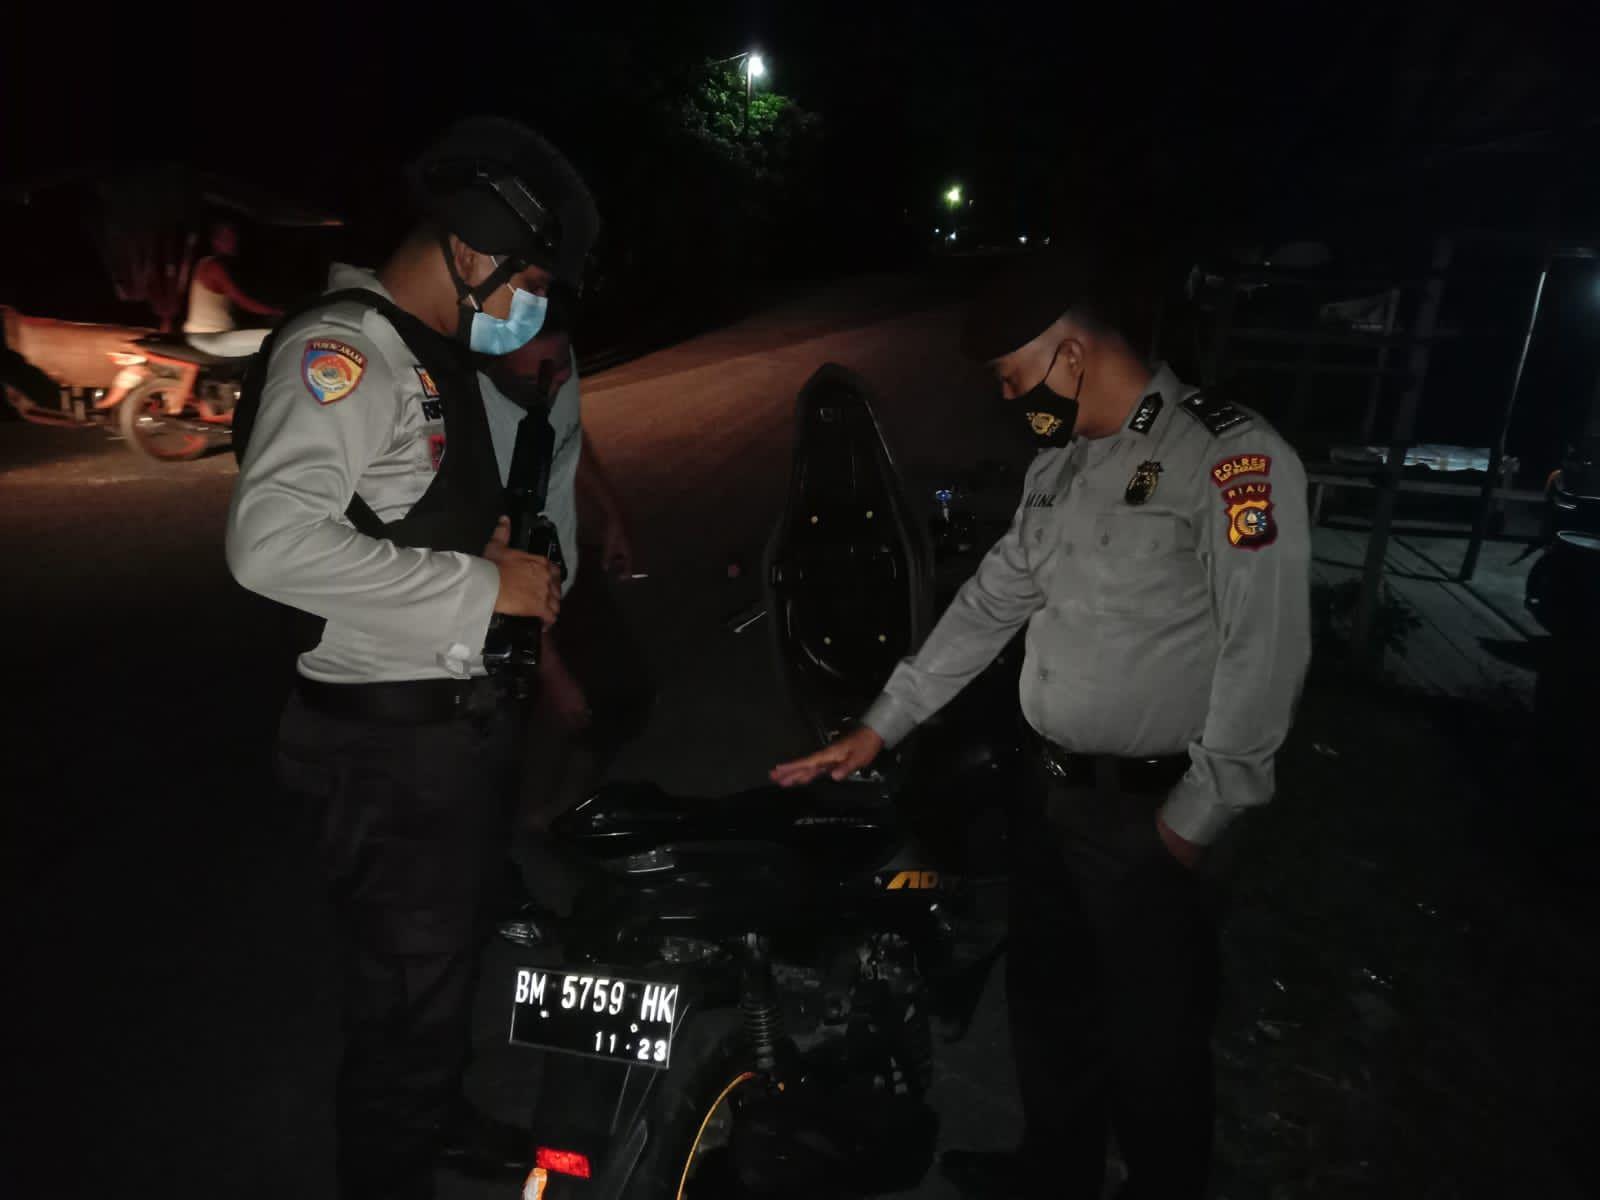 Foto personil Polsek Tebingtinggi Barat saat Patroli Cegah Kriminalitas di Malam Hari.